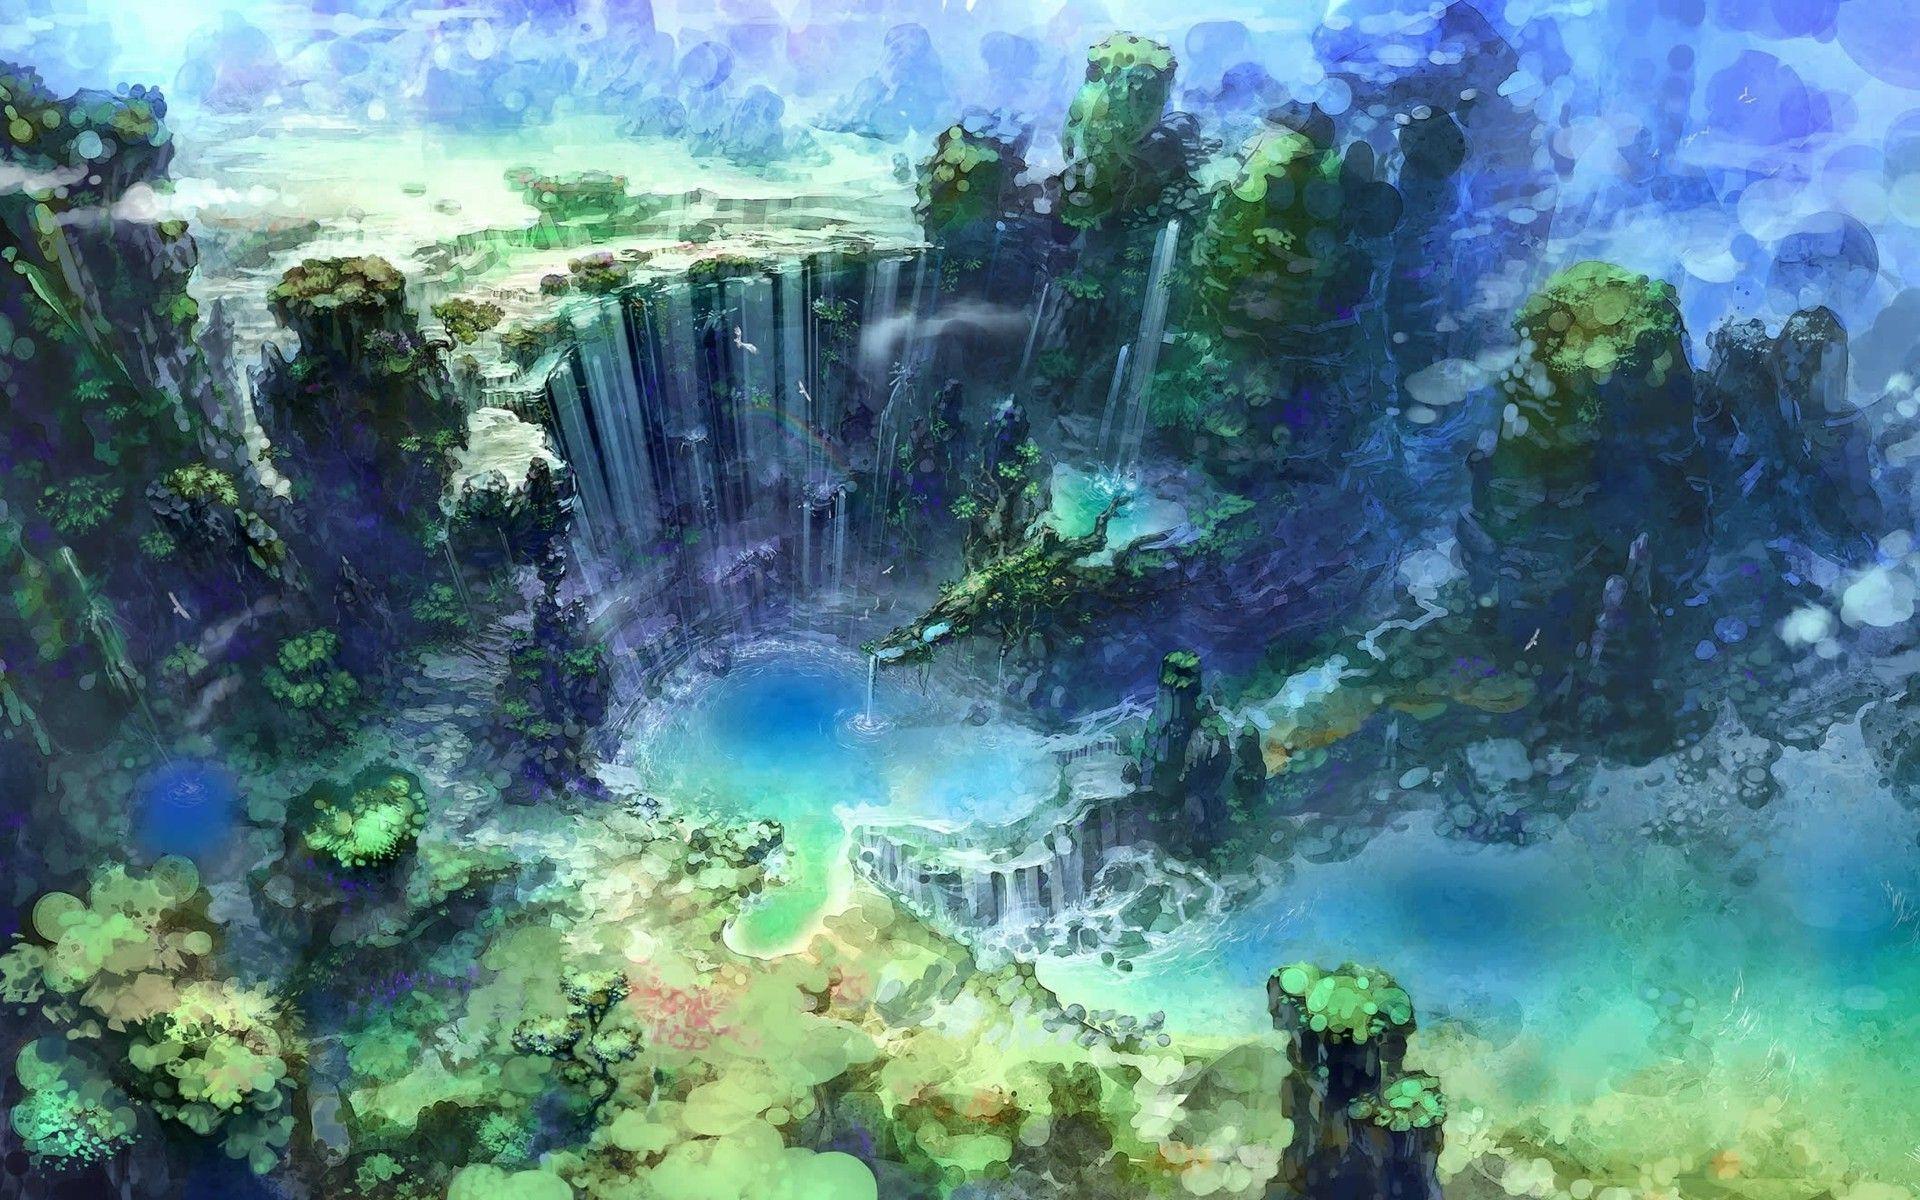 Velký vodopád - Stránka 2 597d93ca2d4592a78f7f7393e31207b4